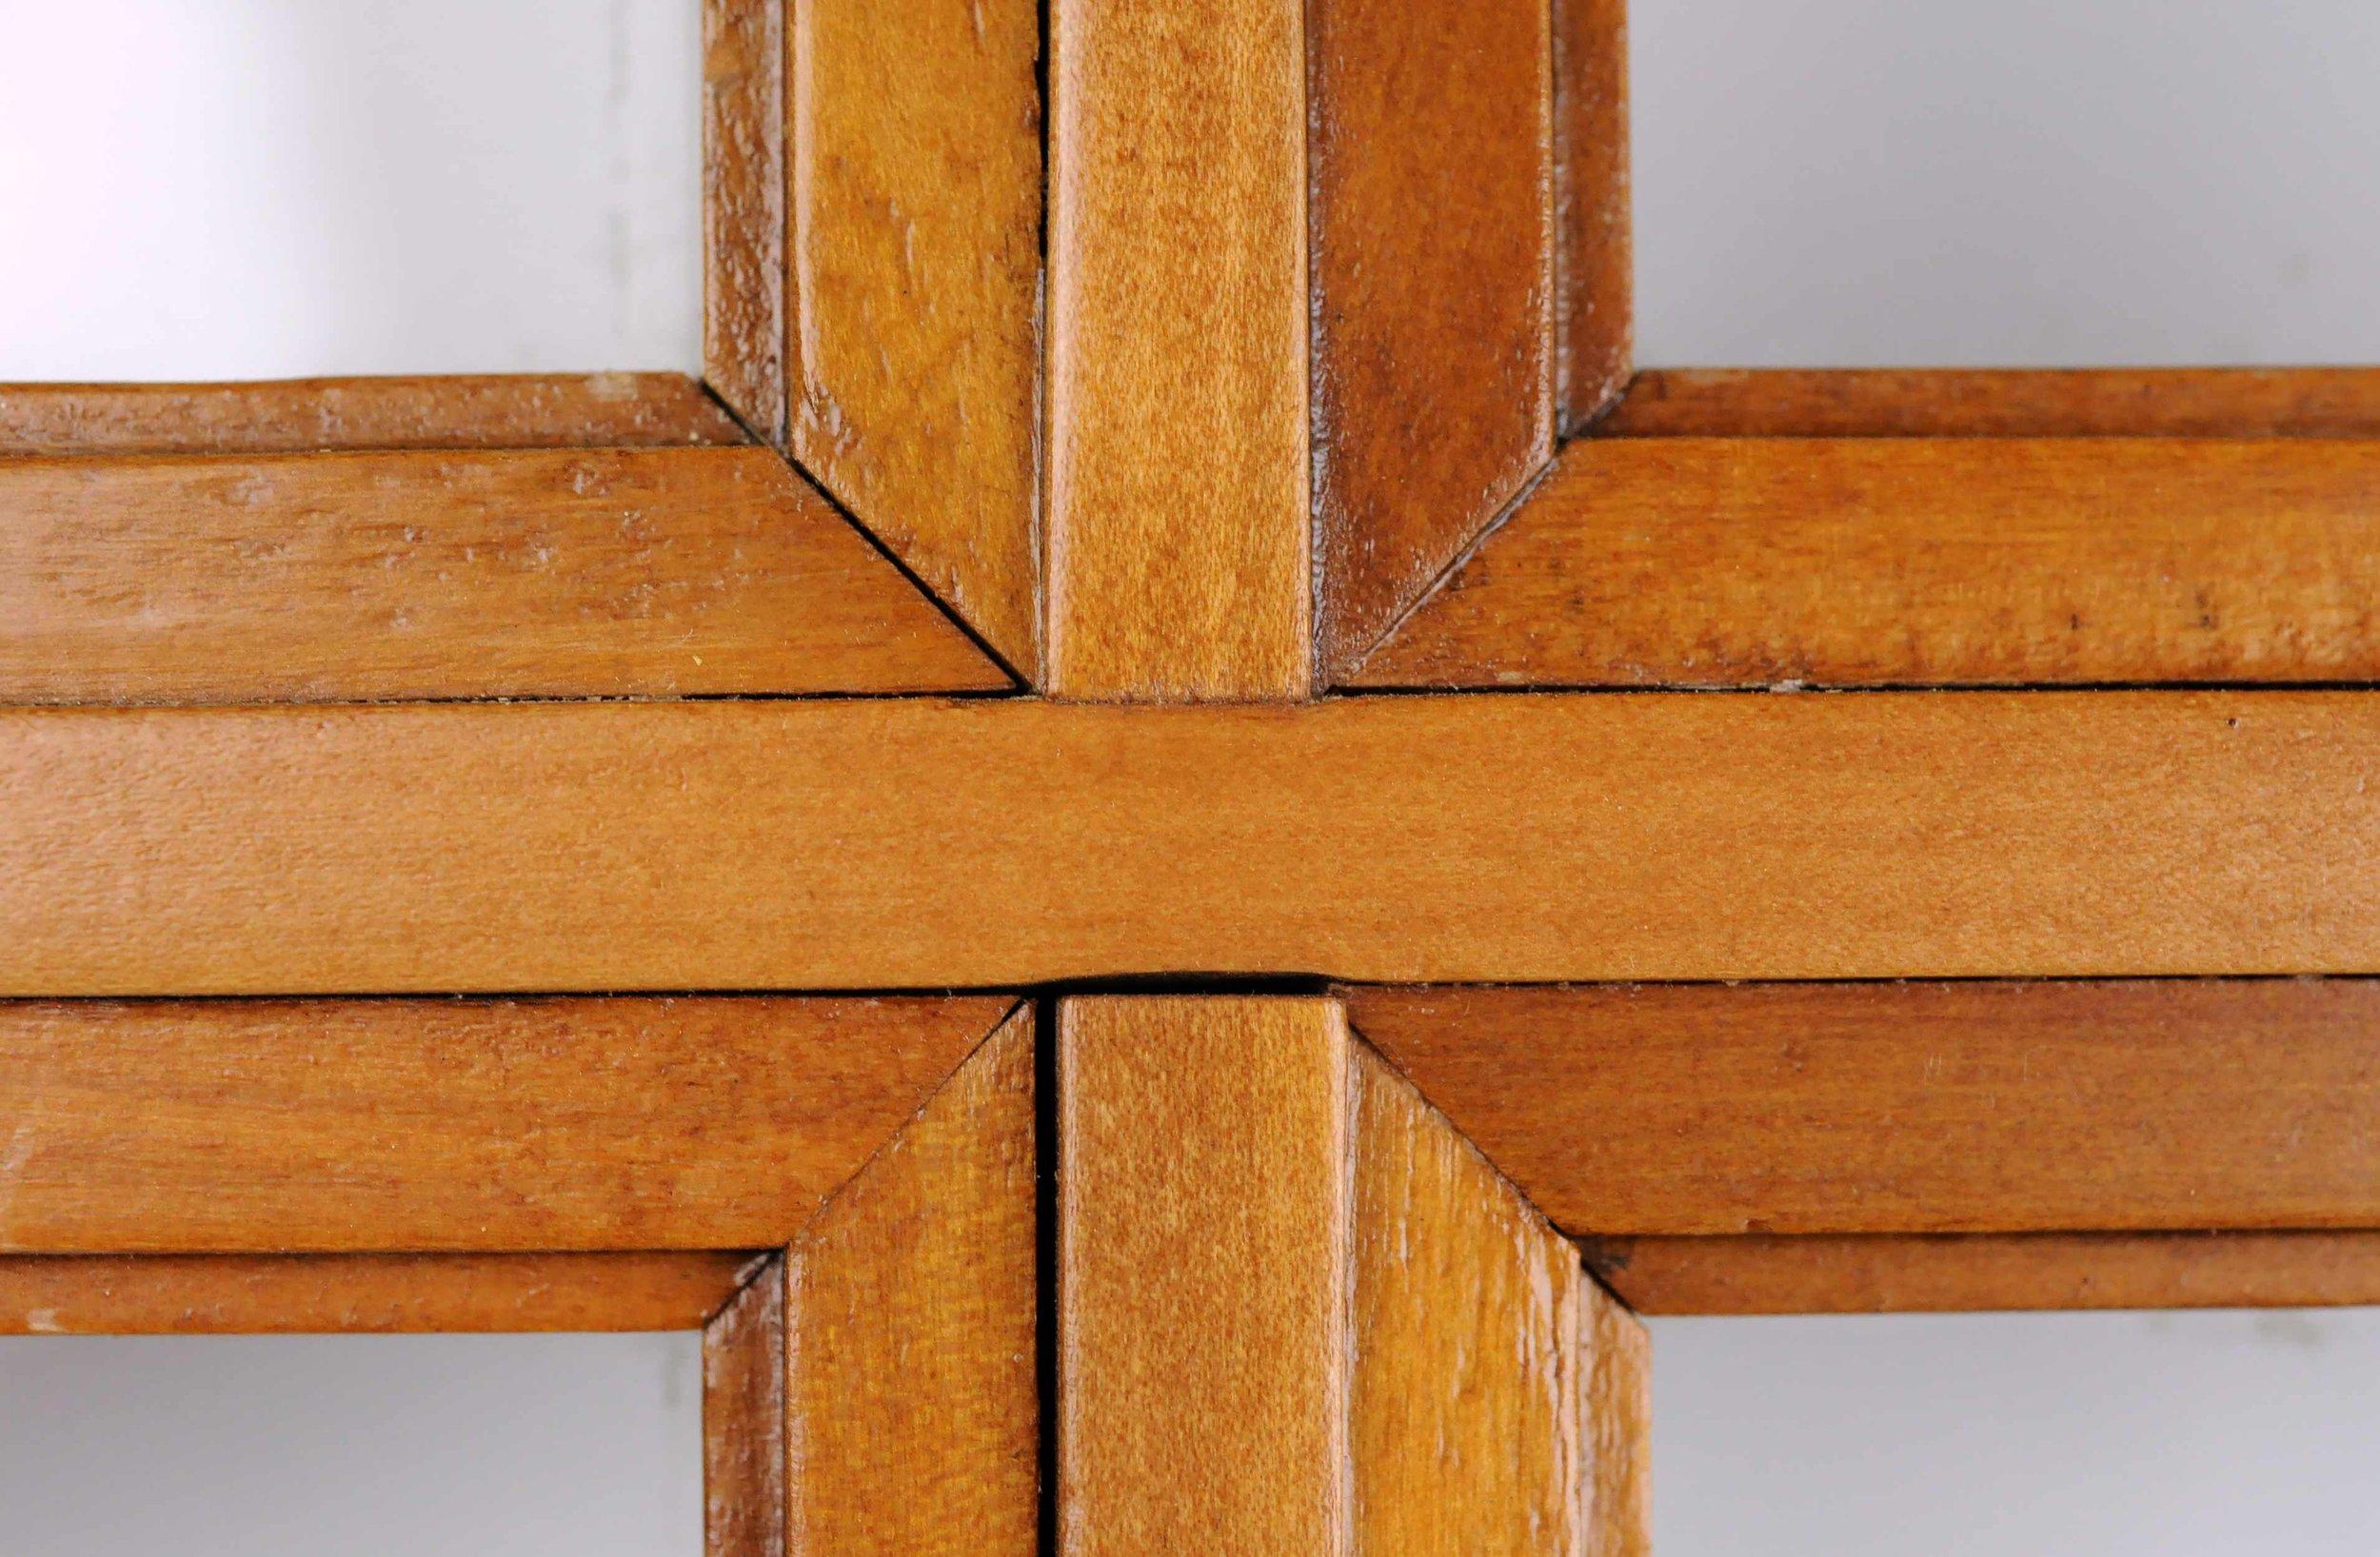 47089-full-view-pocket-door-wood-detail.jpg